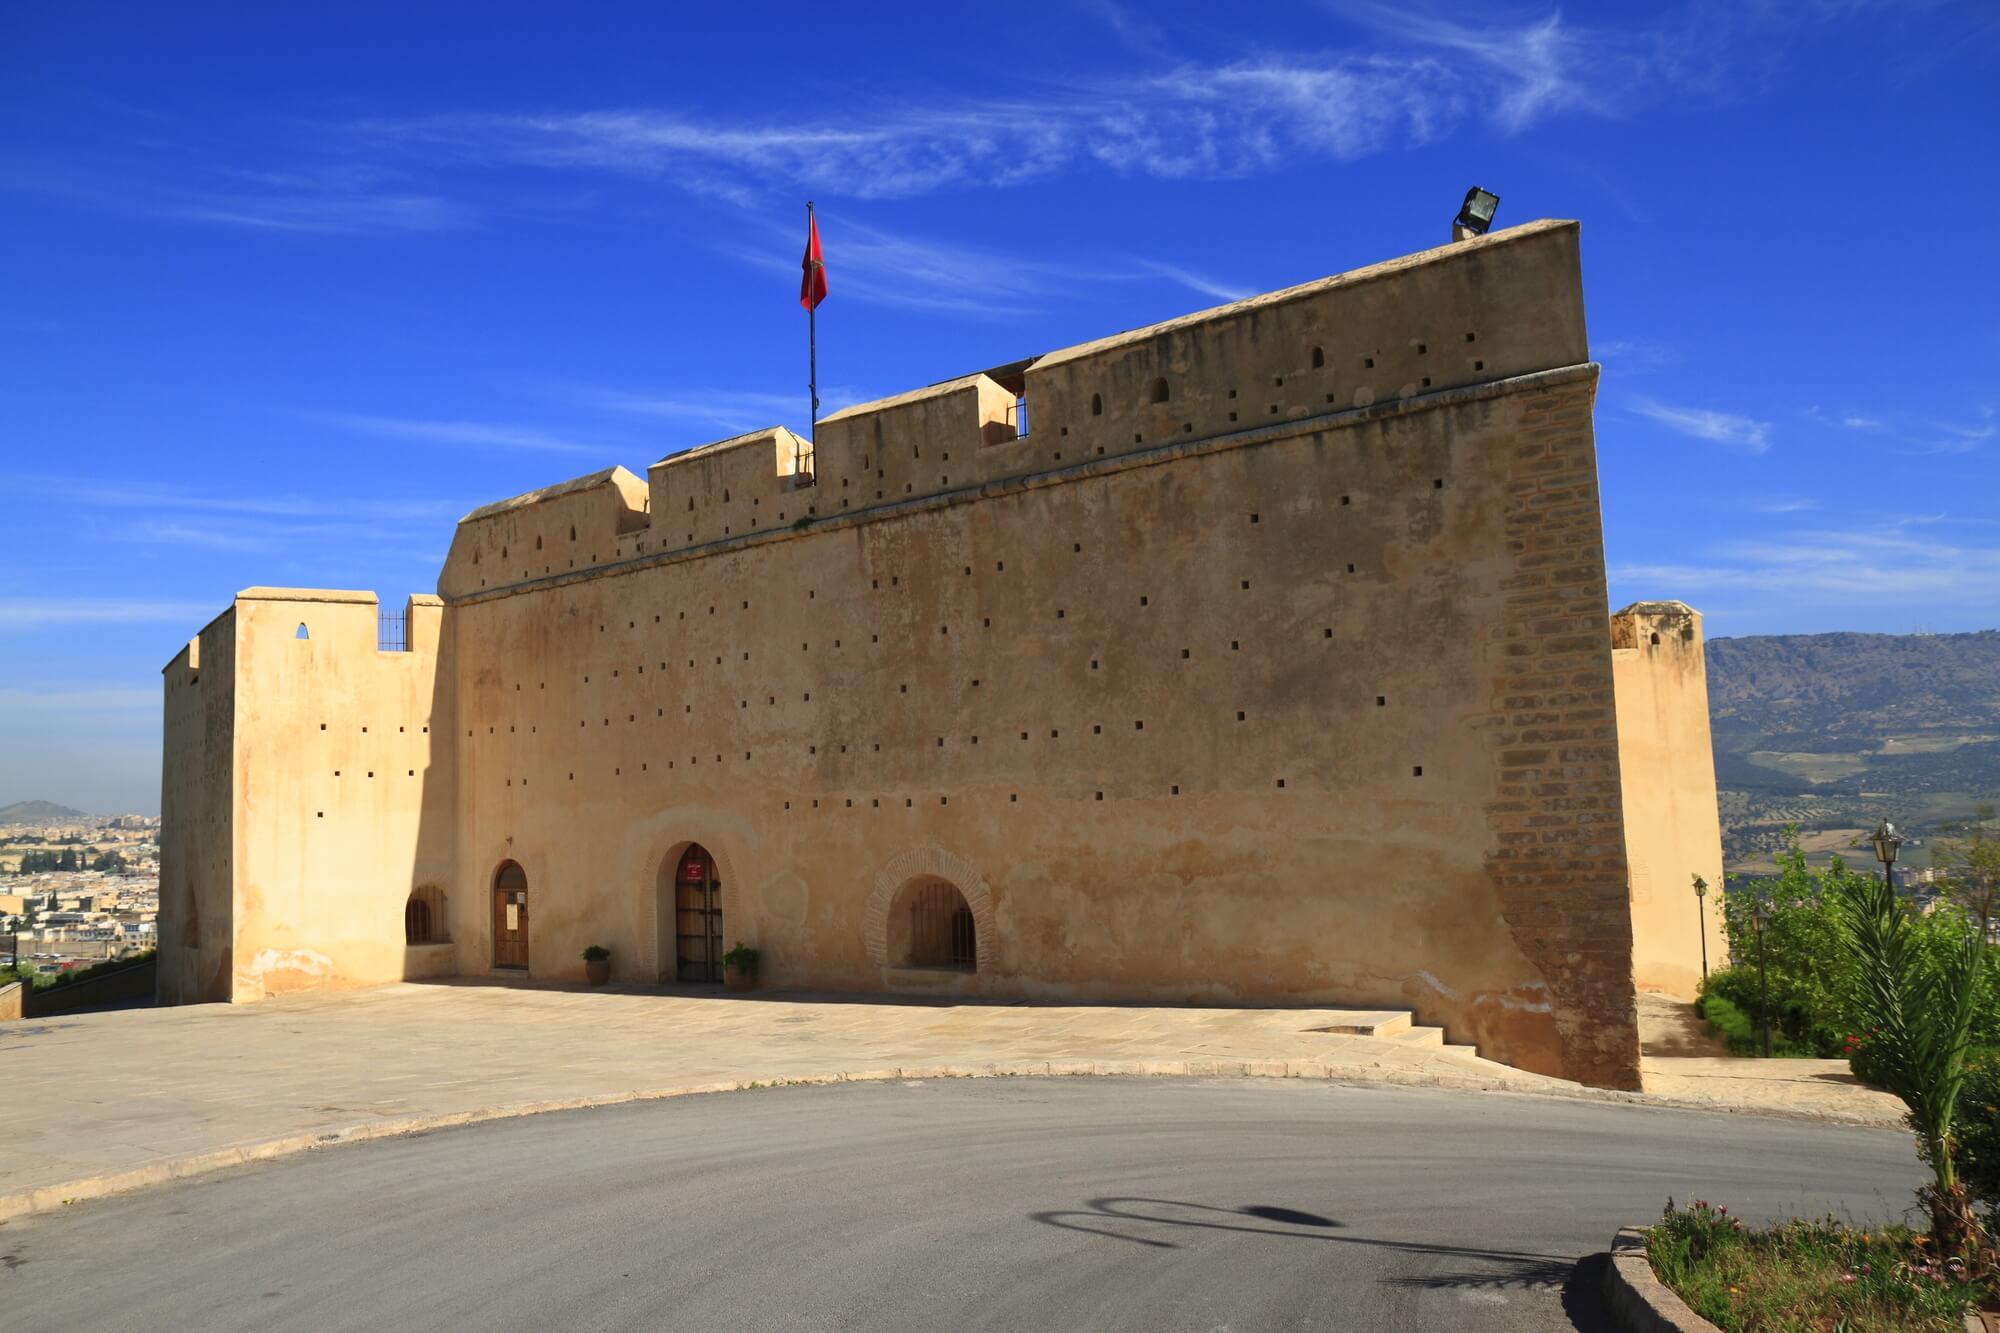 מצודת בורג' סוד - העיר פס במרוקו